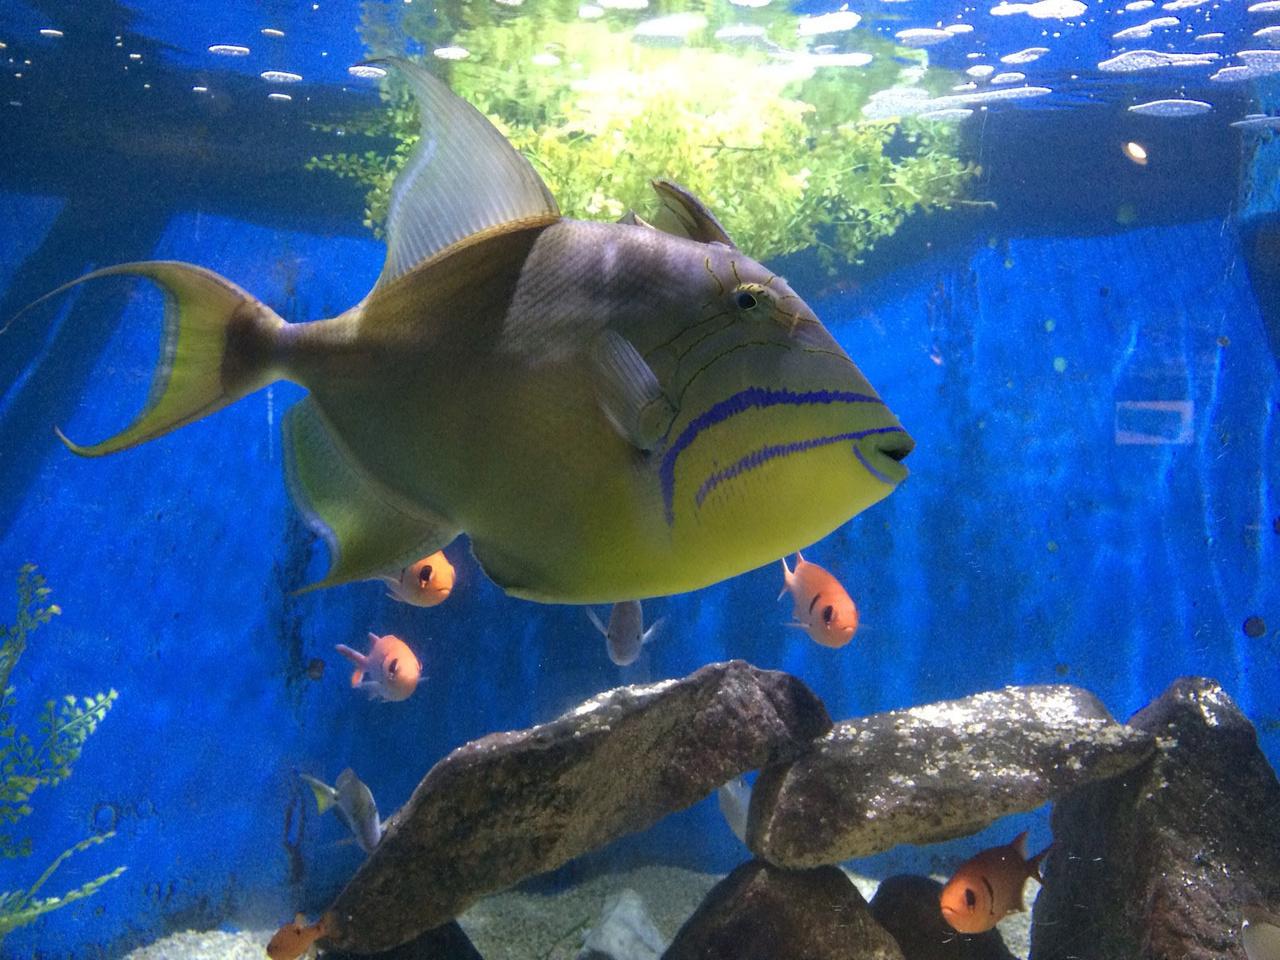 queen triggerfish in aquarium tank